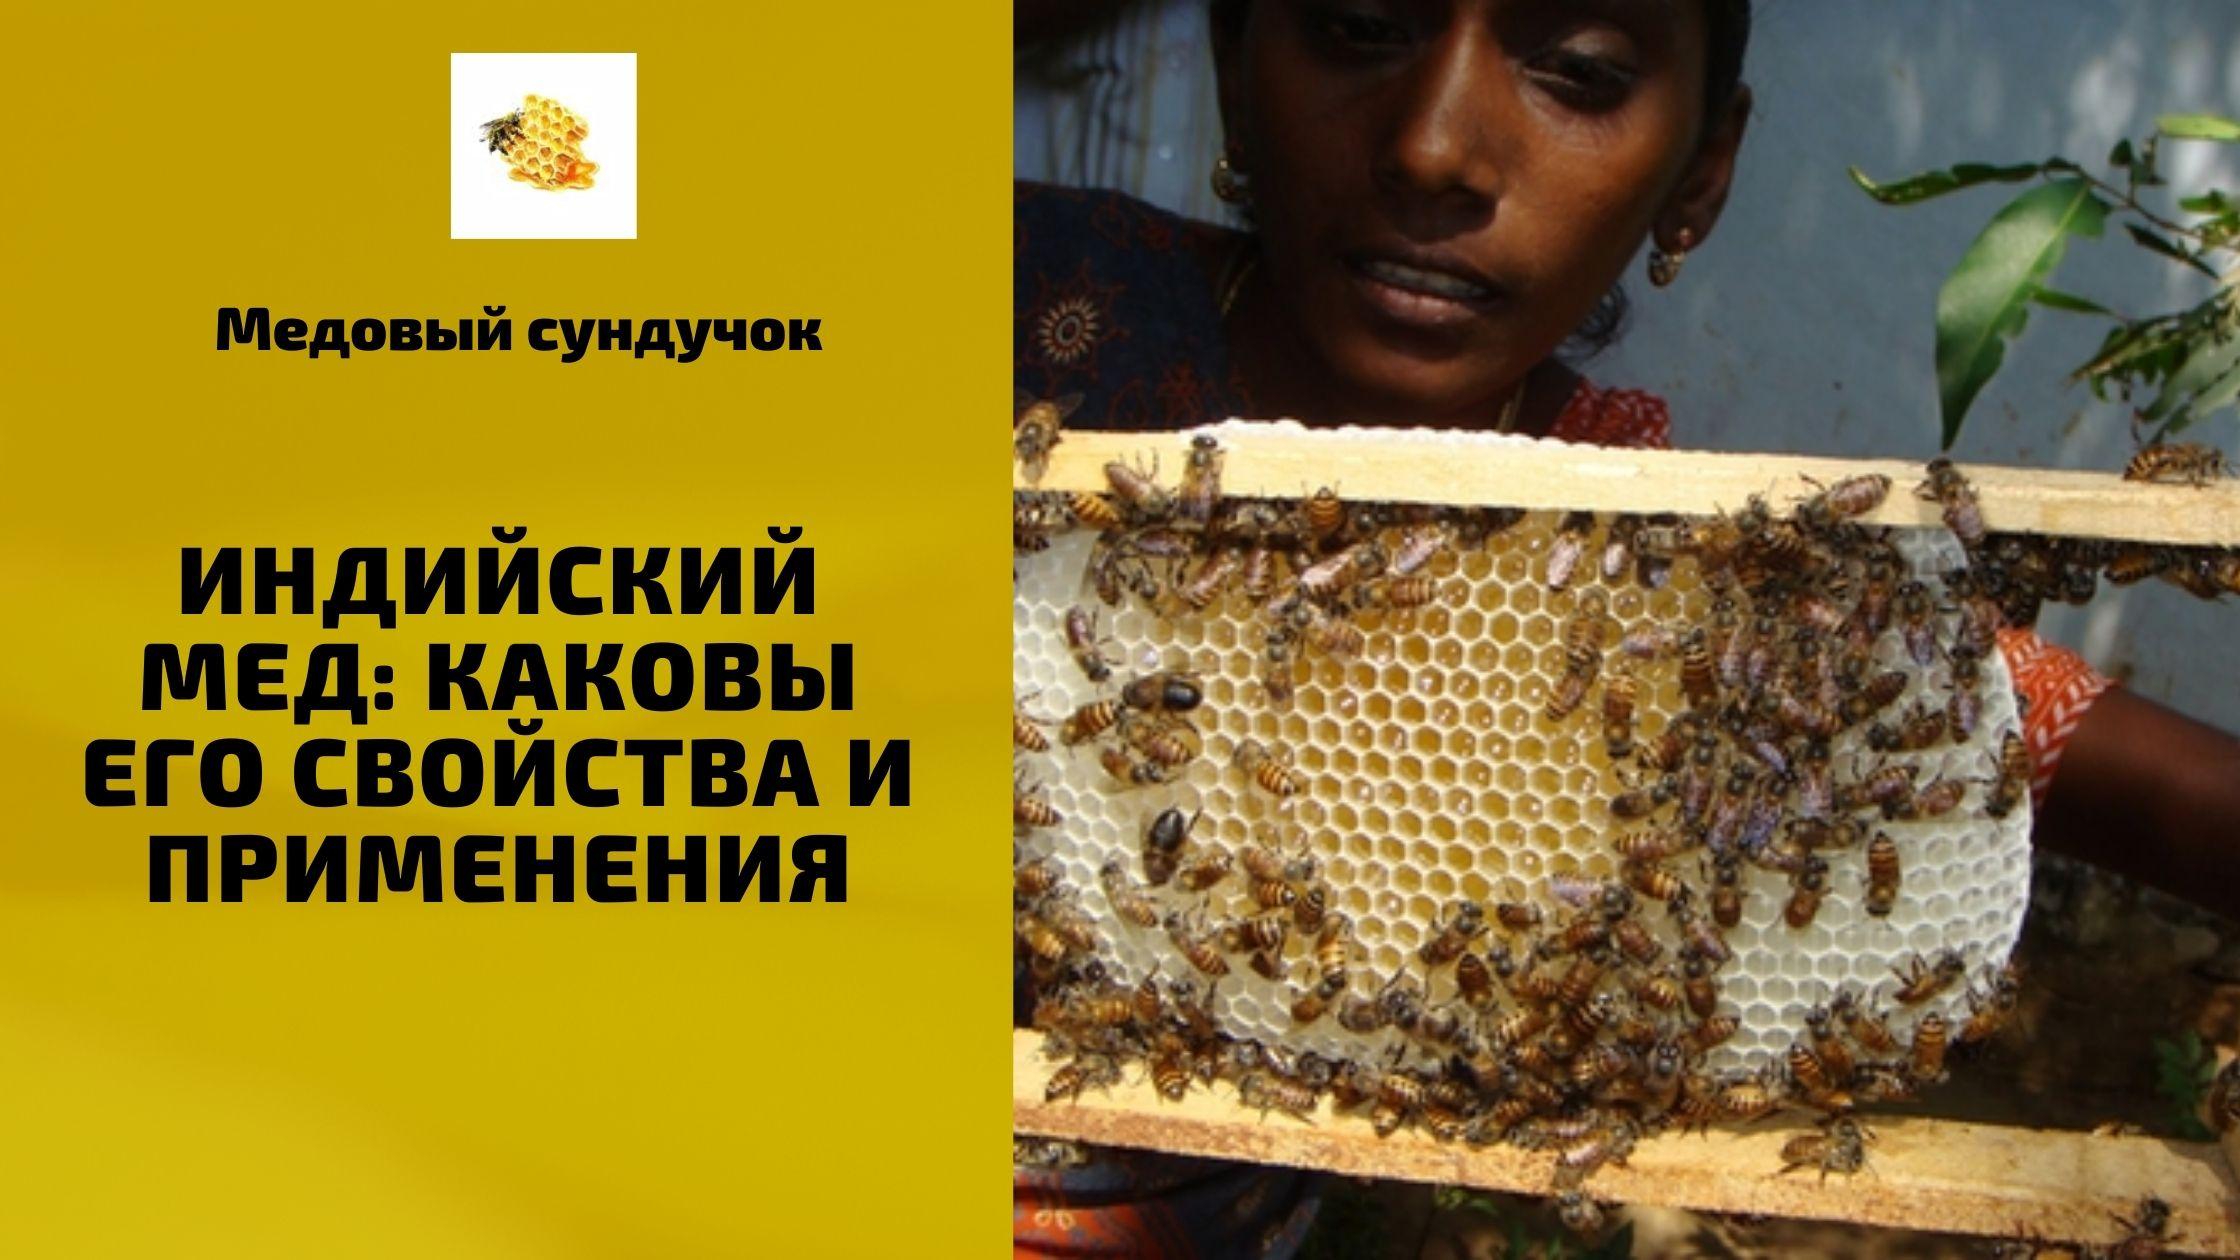 Индийский мед: каковы его свойства и применения